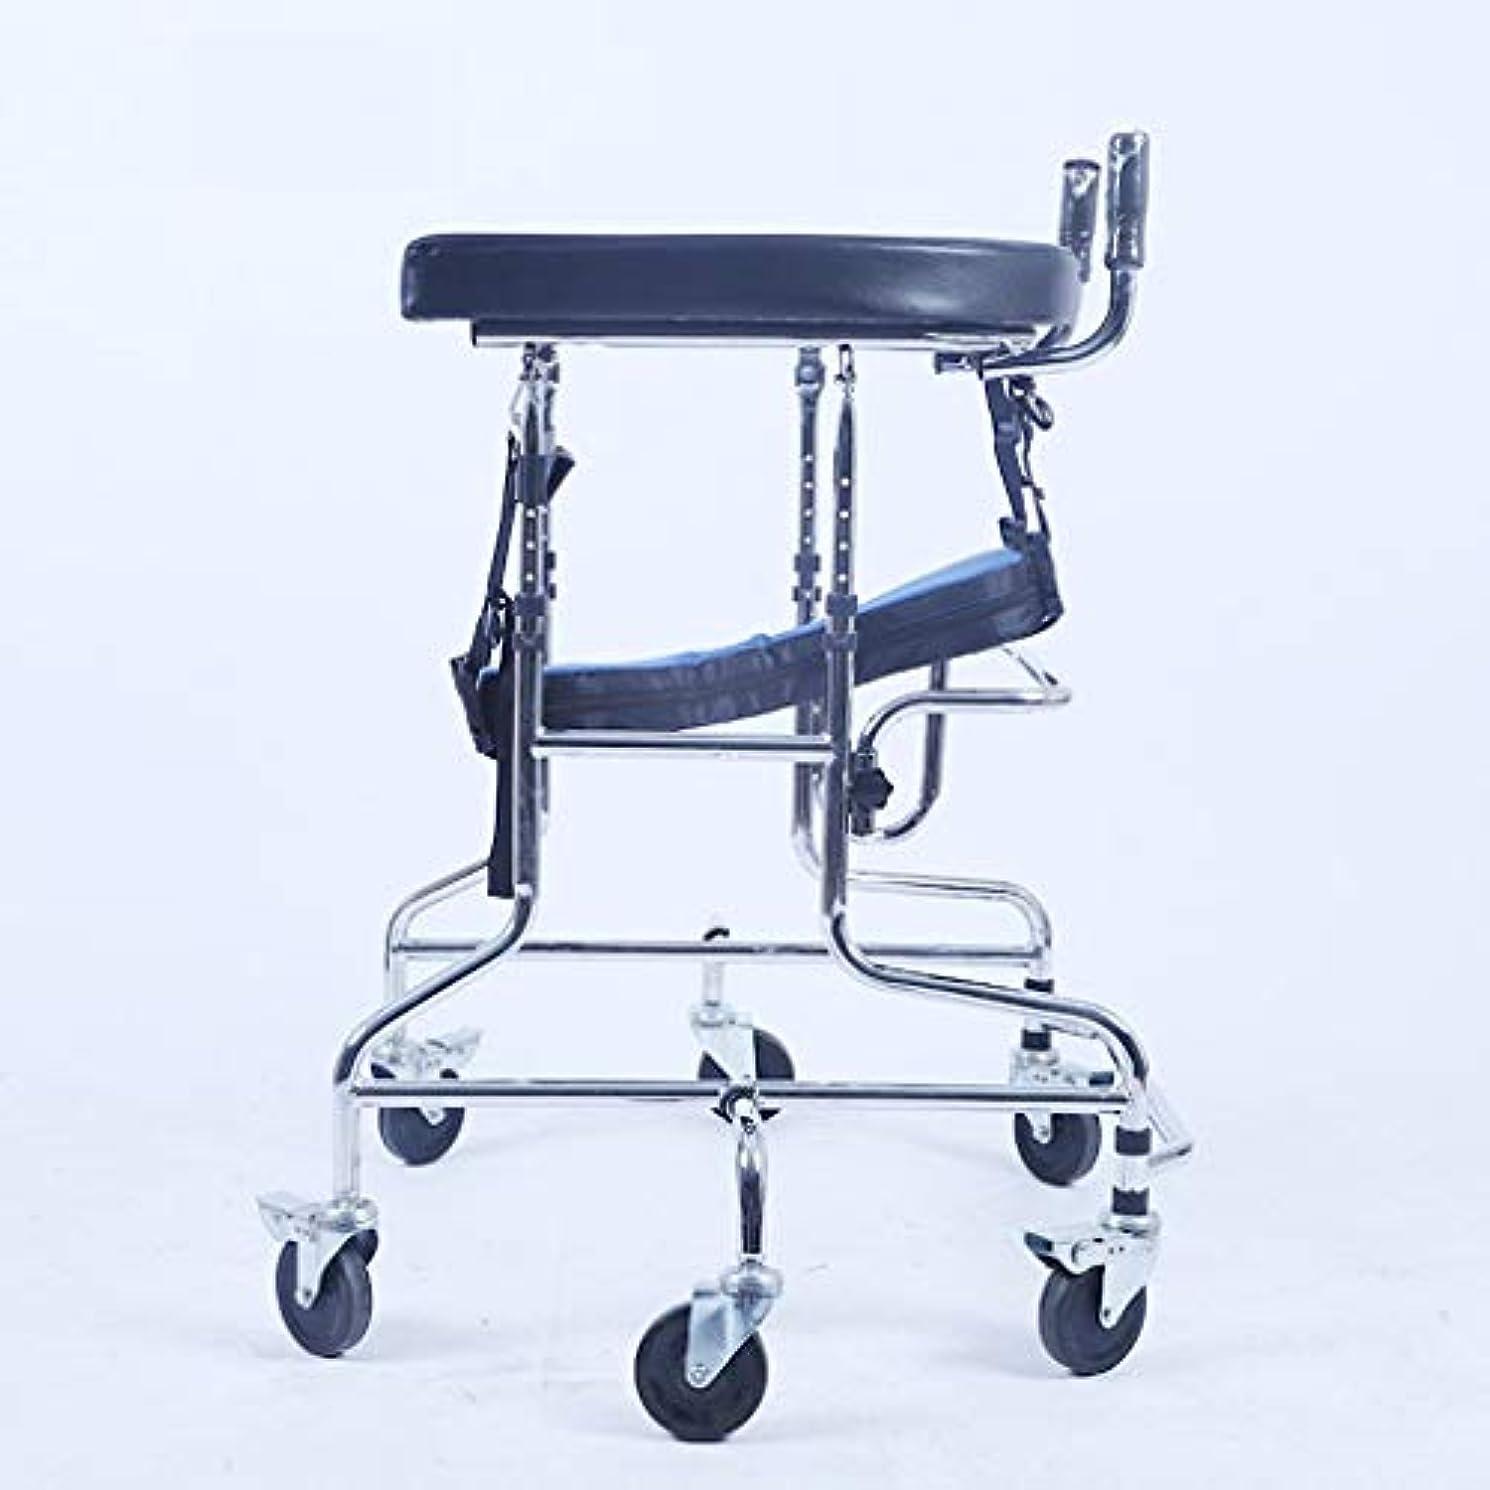 子供下肢トレーニング?リハビリ機器/リハビリ機器/スタンディングウォークスタンド/ウォークエイド/ウォーカー/スタンドホイール付きシートホイール(サイズ:C)